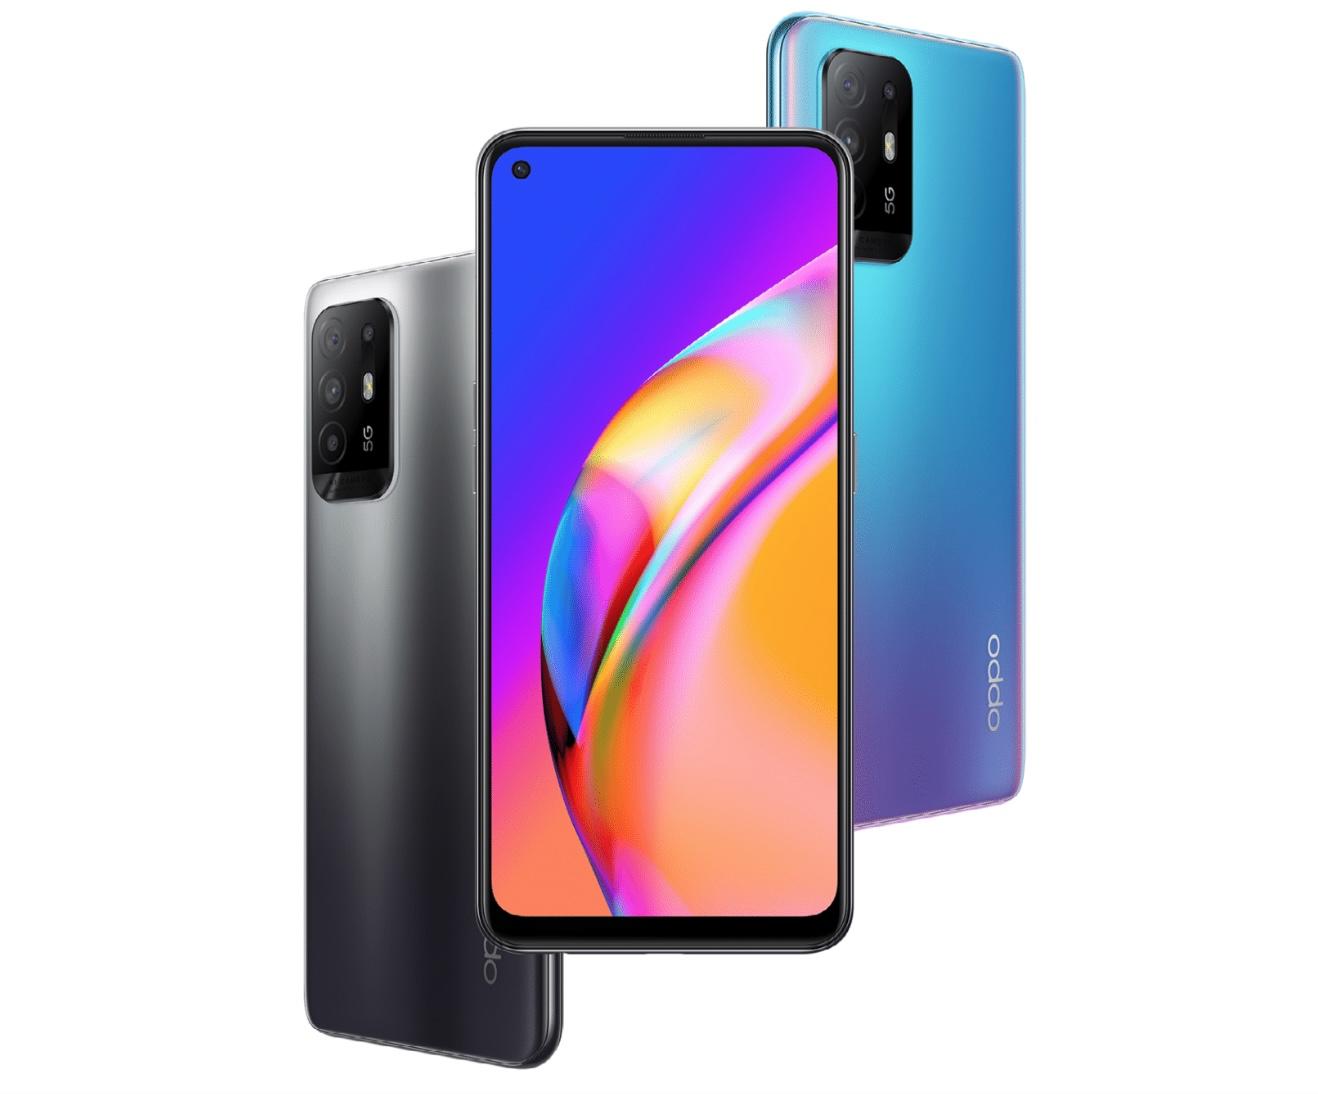 OPPO lance 3 nouveaux smartphones 5G sous la barre des 350€